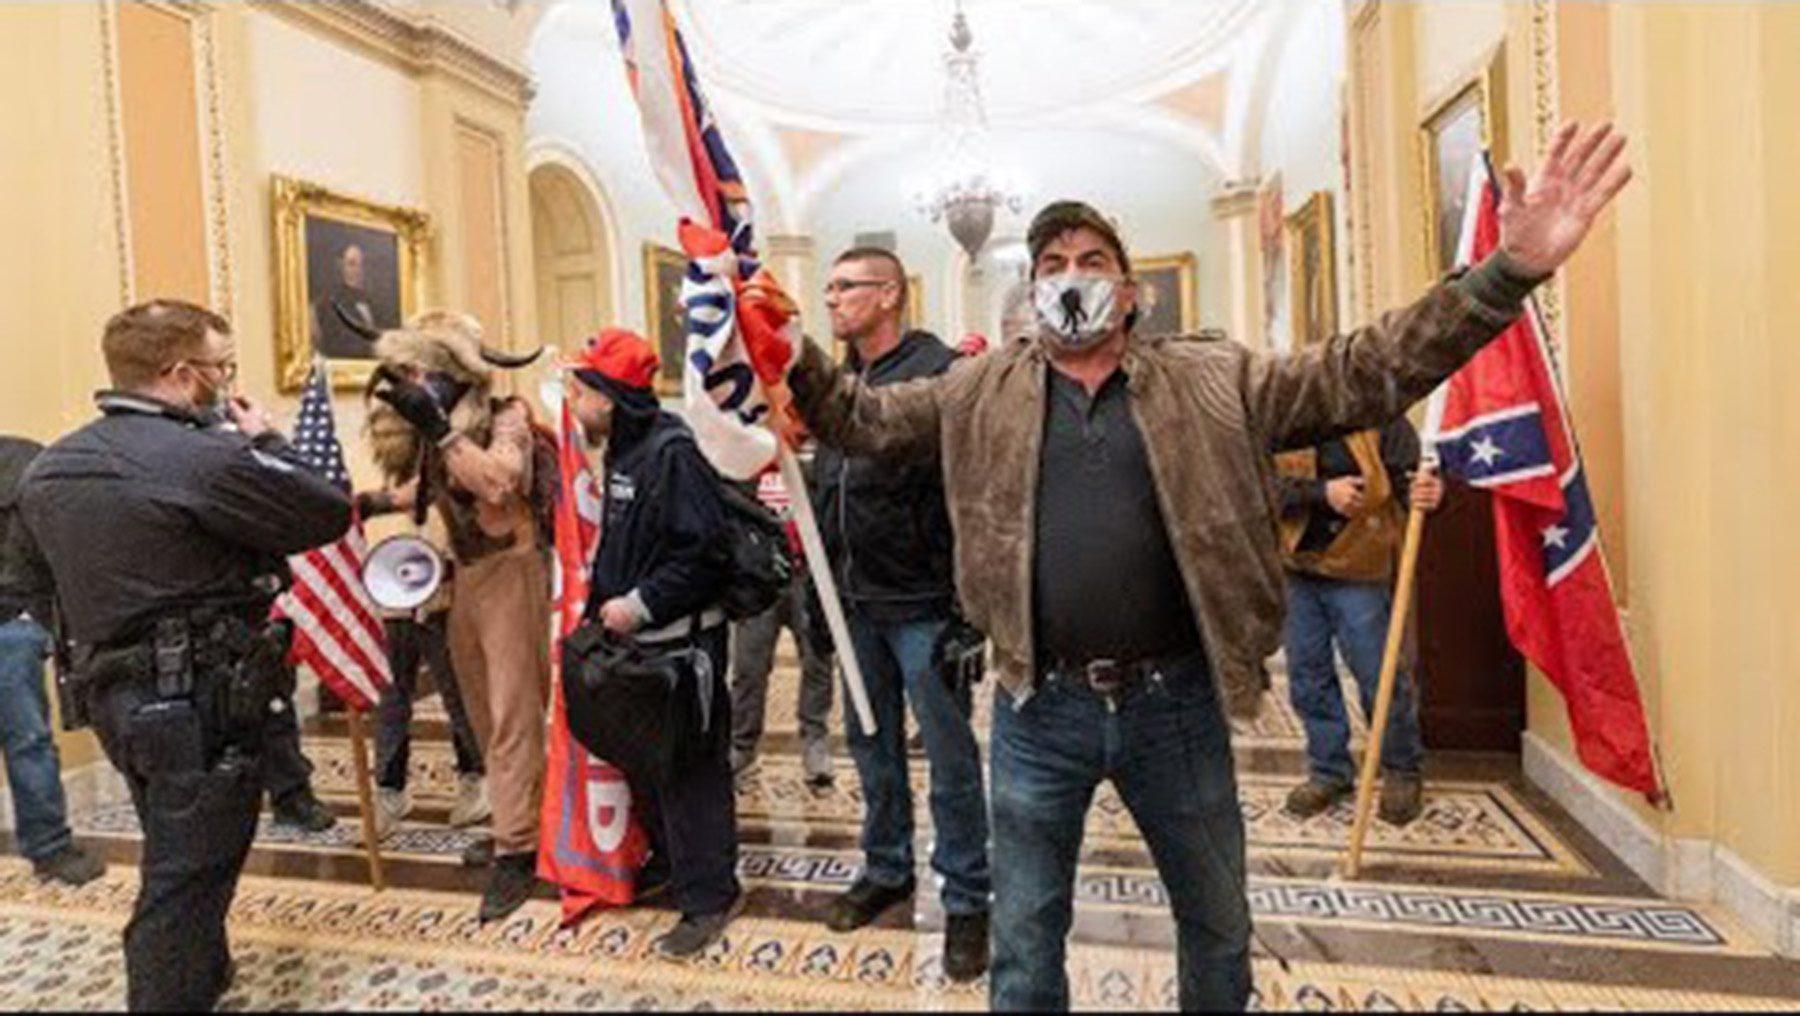 L'occupation du Capitole, le 6 janvier 2021 par des militants pro-Trump